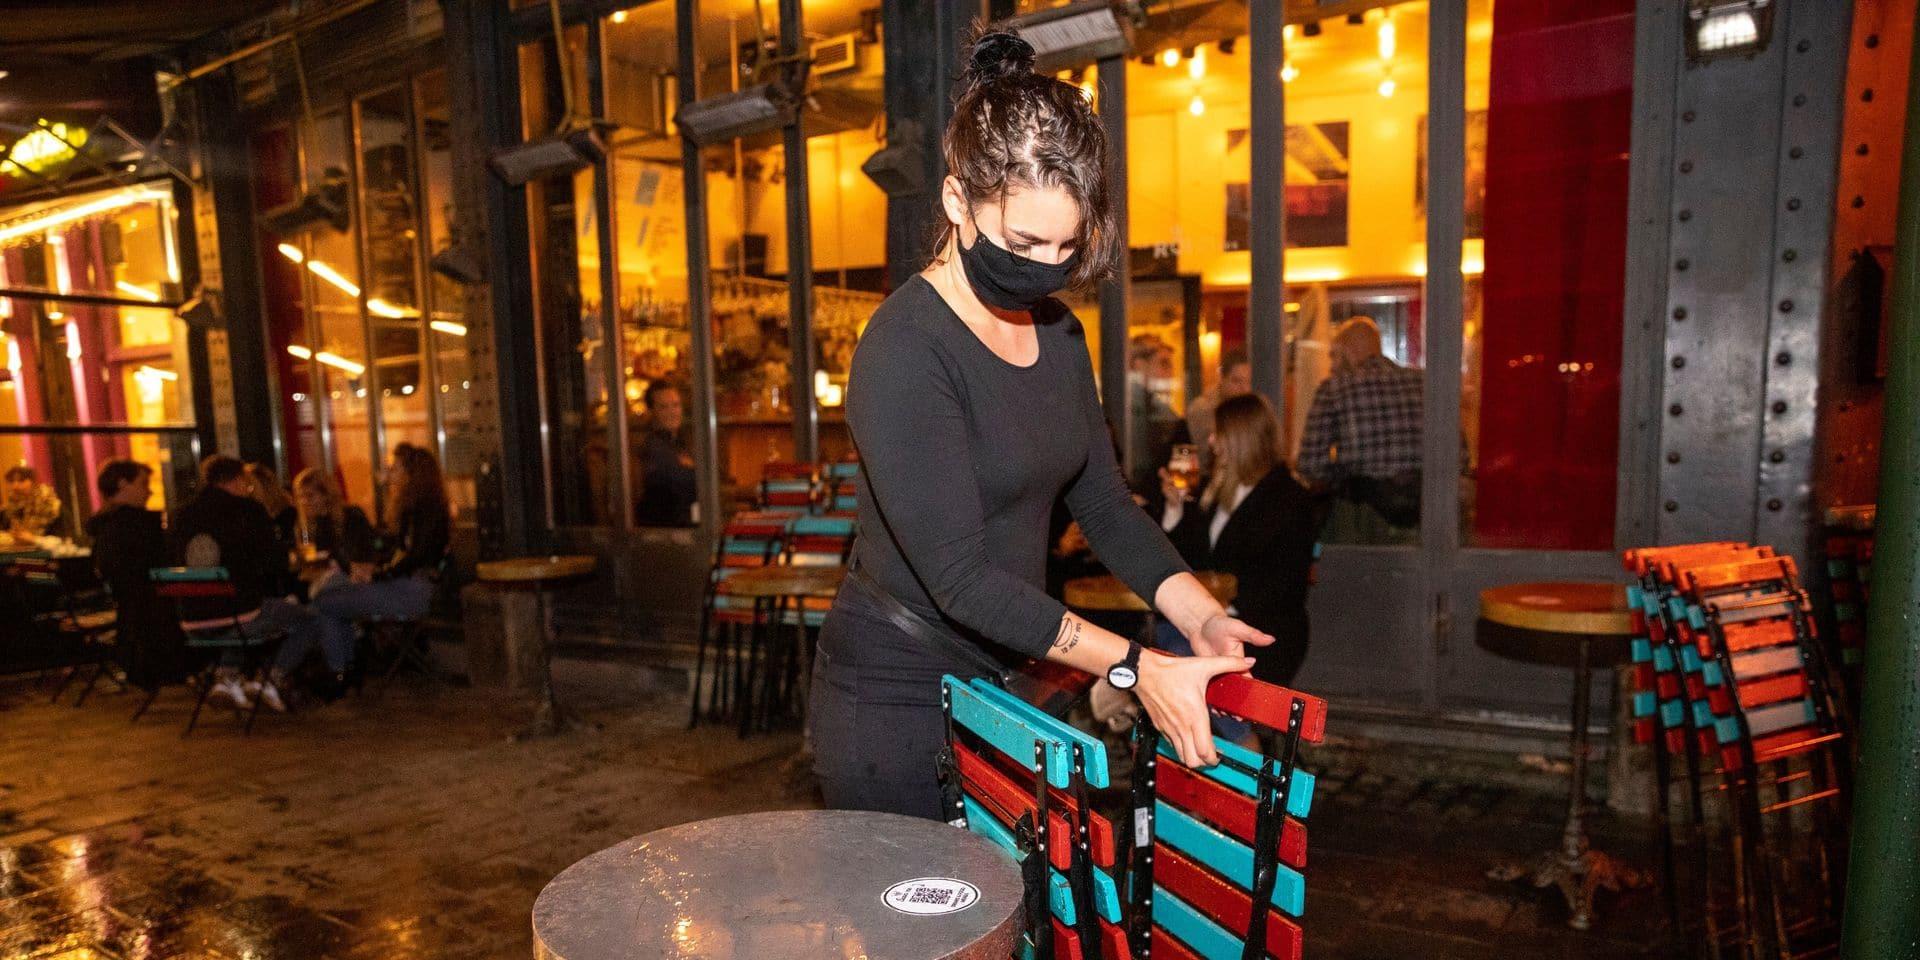 Une aide économique en préparation pour les bars et les cafés bruxellois obligés de fermer